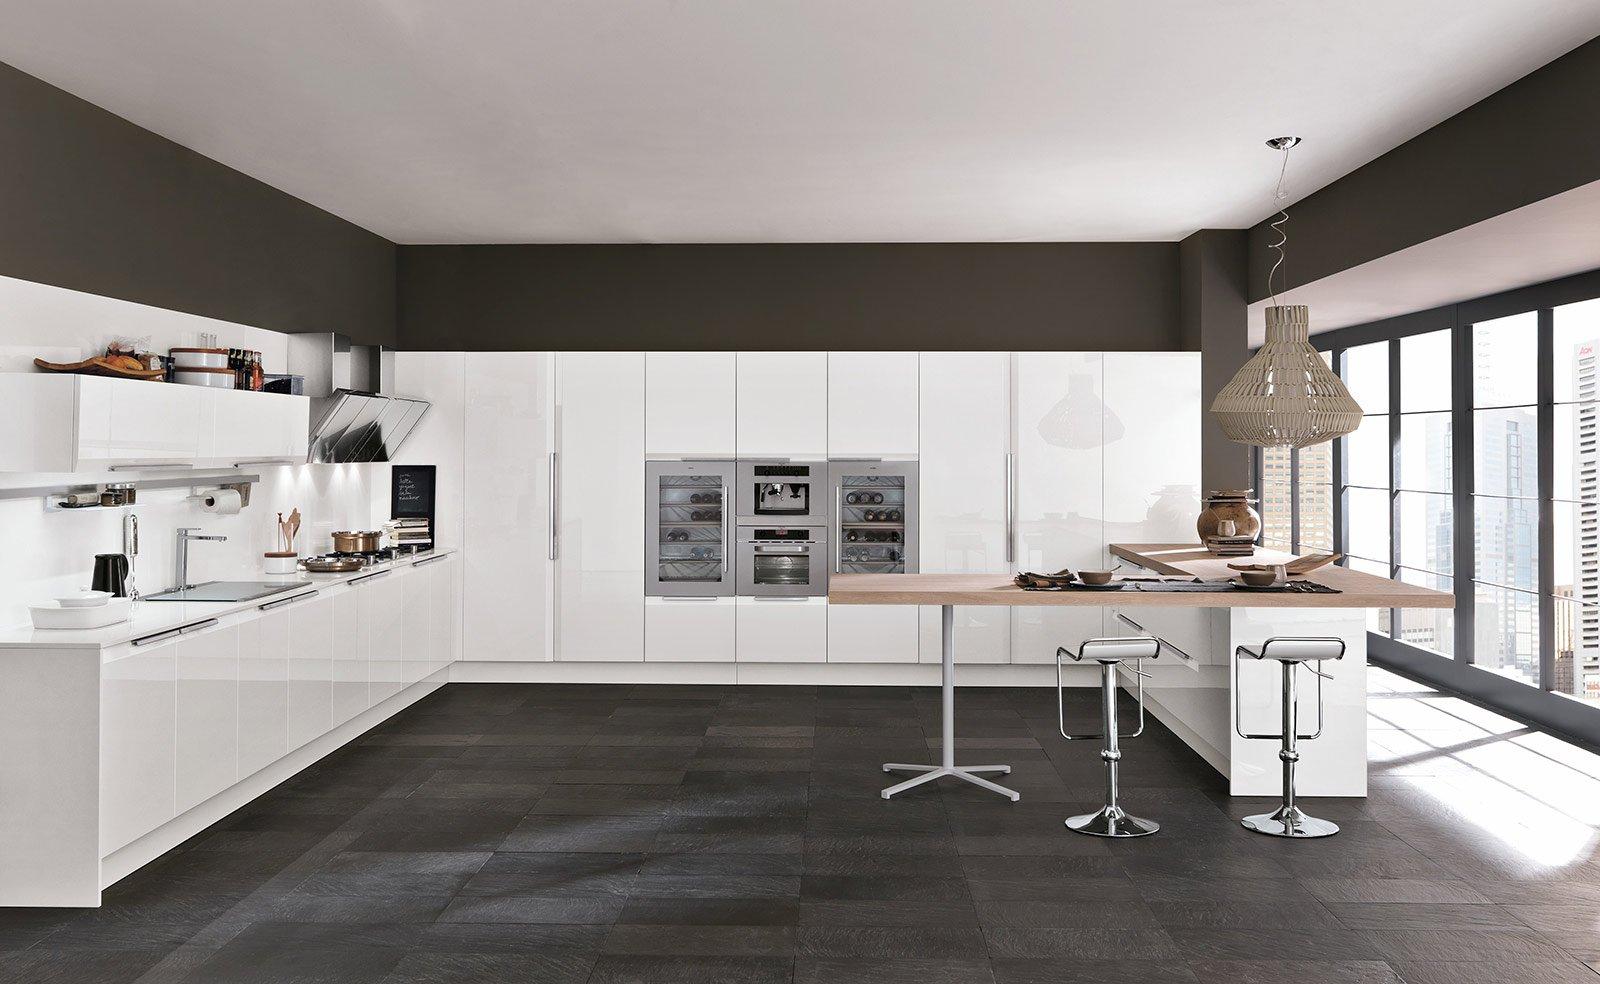 Cucine bianche moderne cose di casa - Cucine moderne con dispensa ...